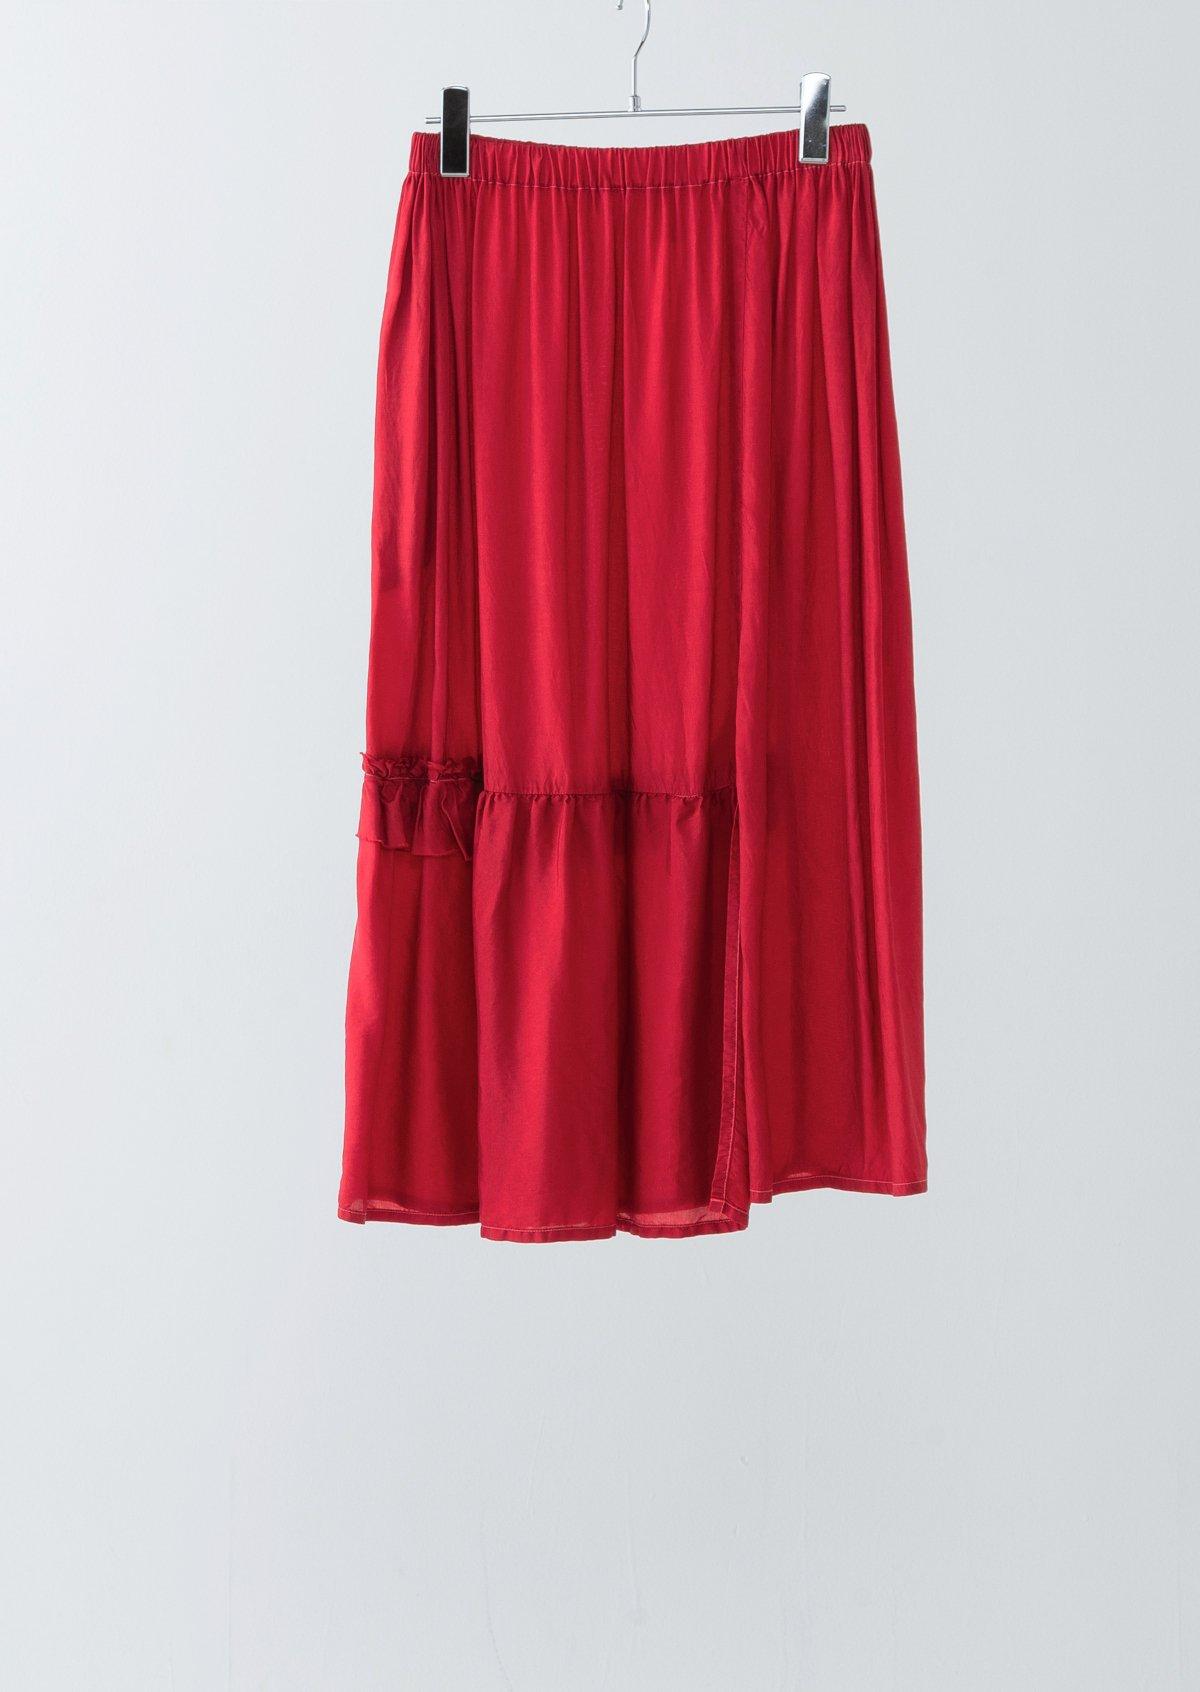 ブルーミングスカート